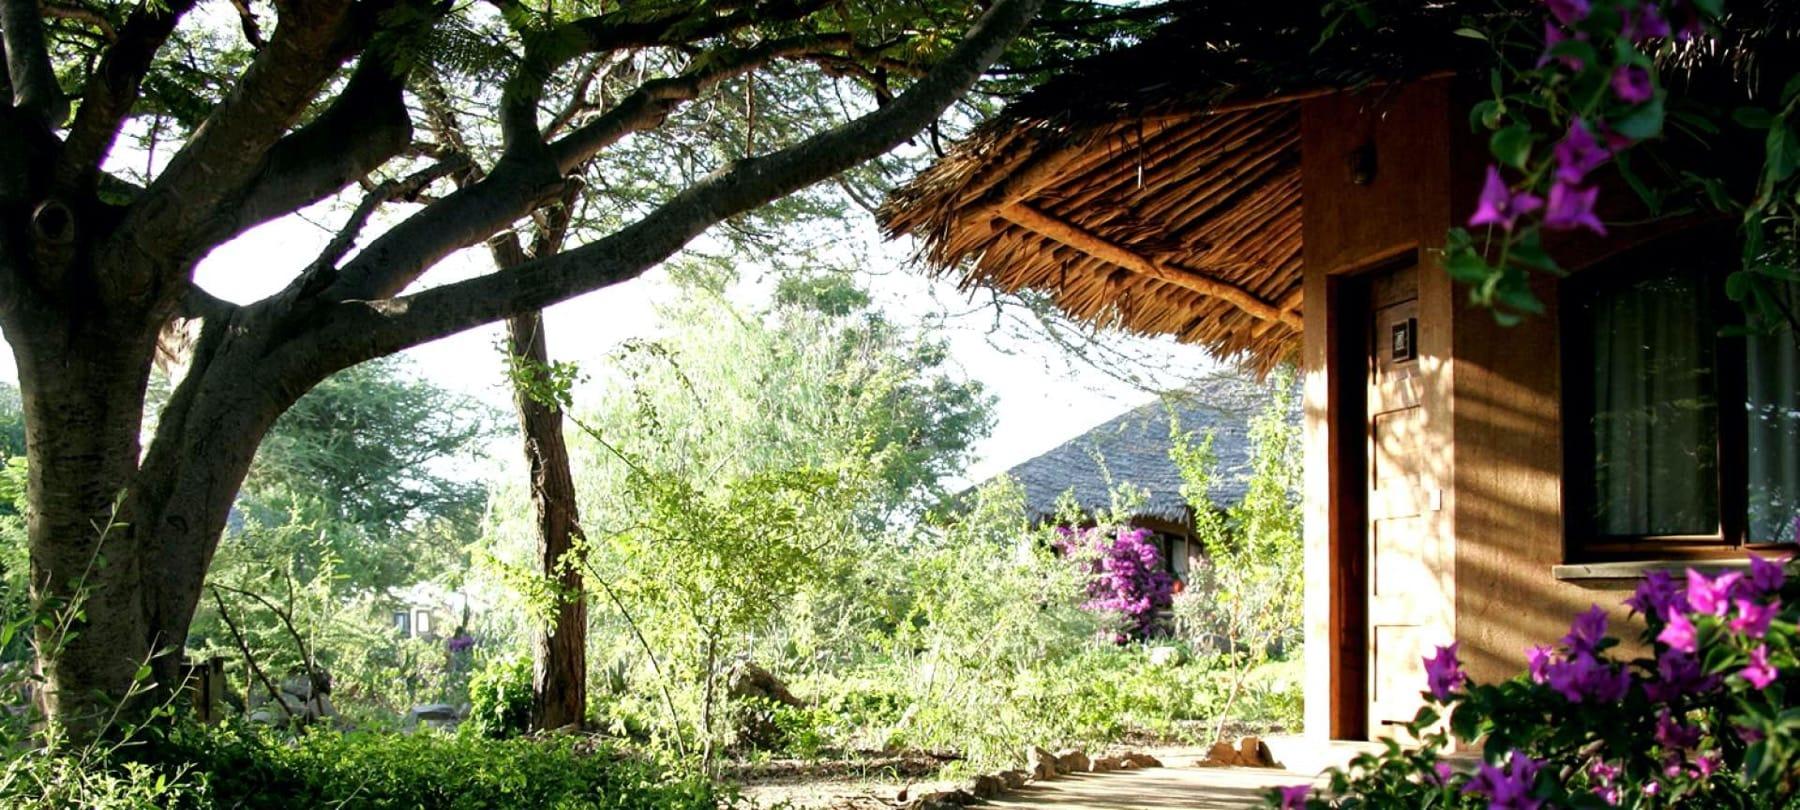 Kia Lodge in Tanzania